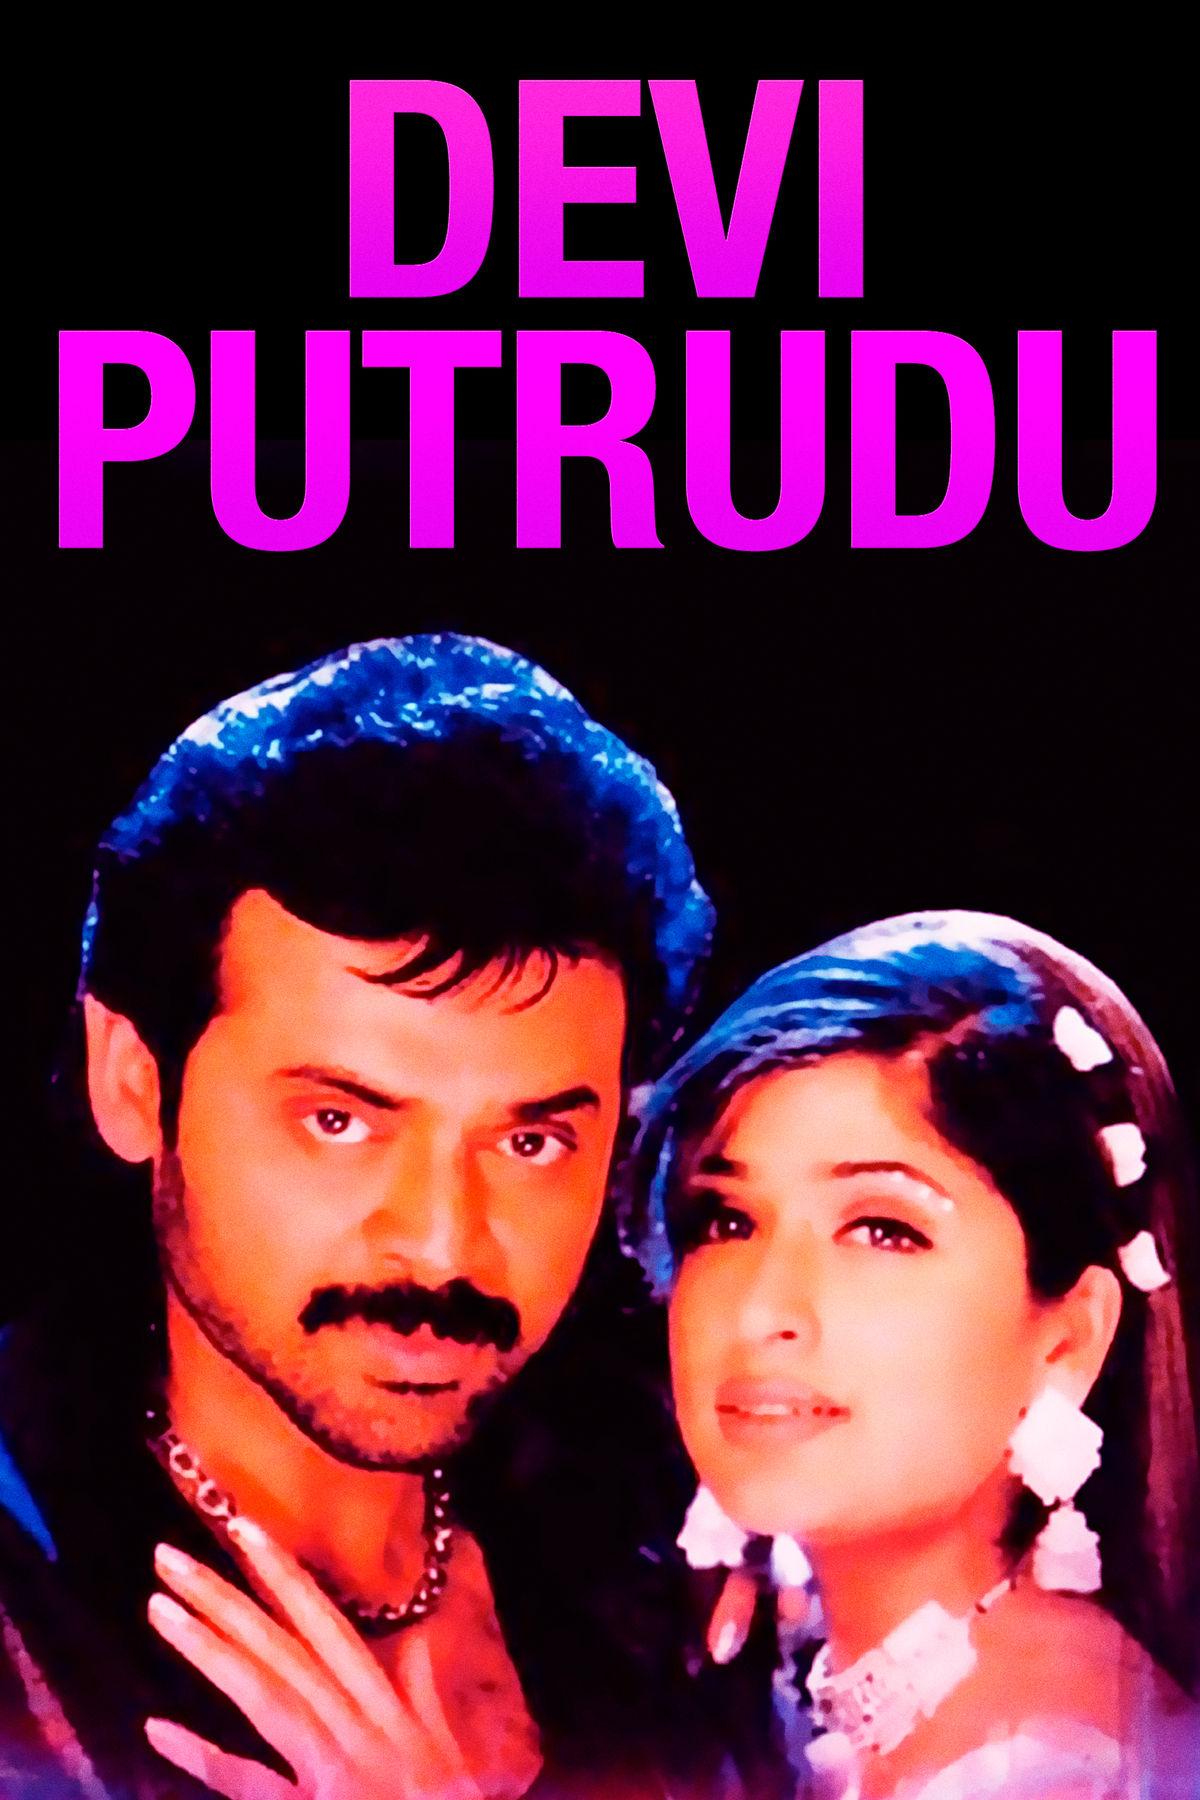 Devi Putrudu